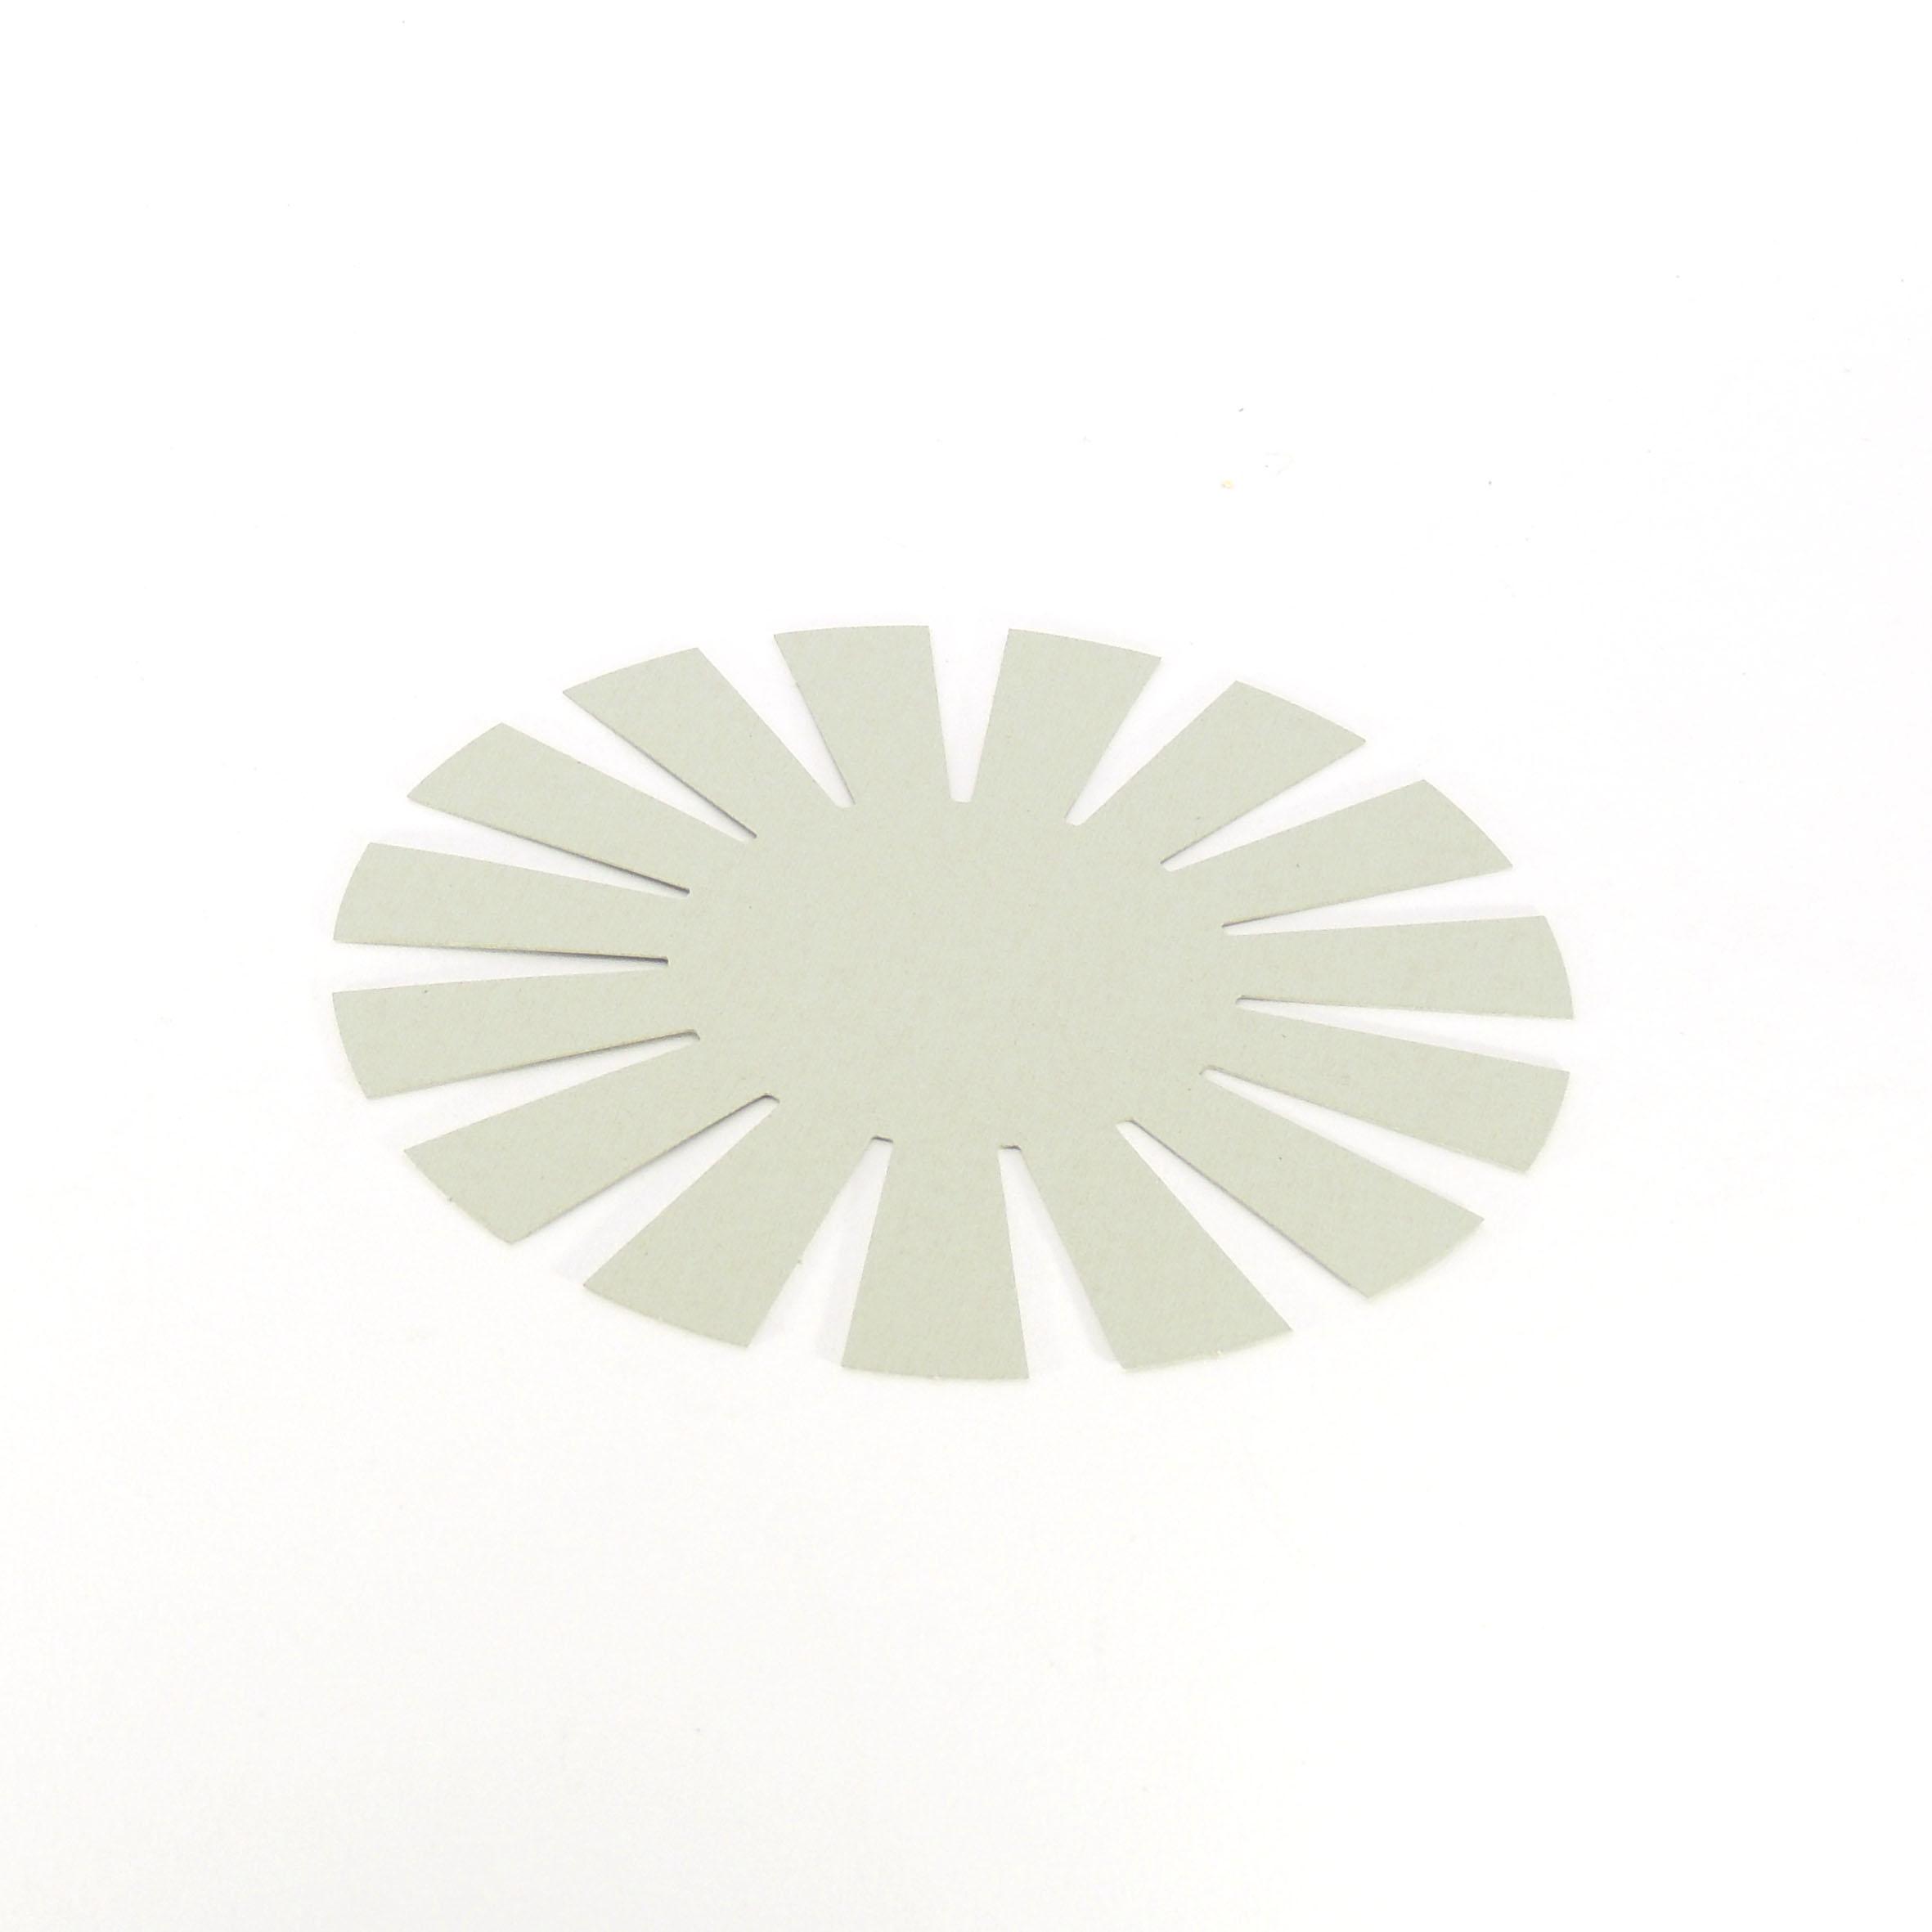 Fehr GmbH Bastelbedarf Seilerei - Korbschablone